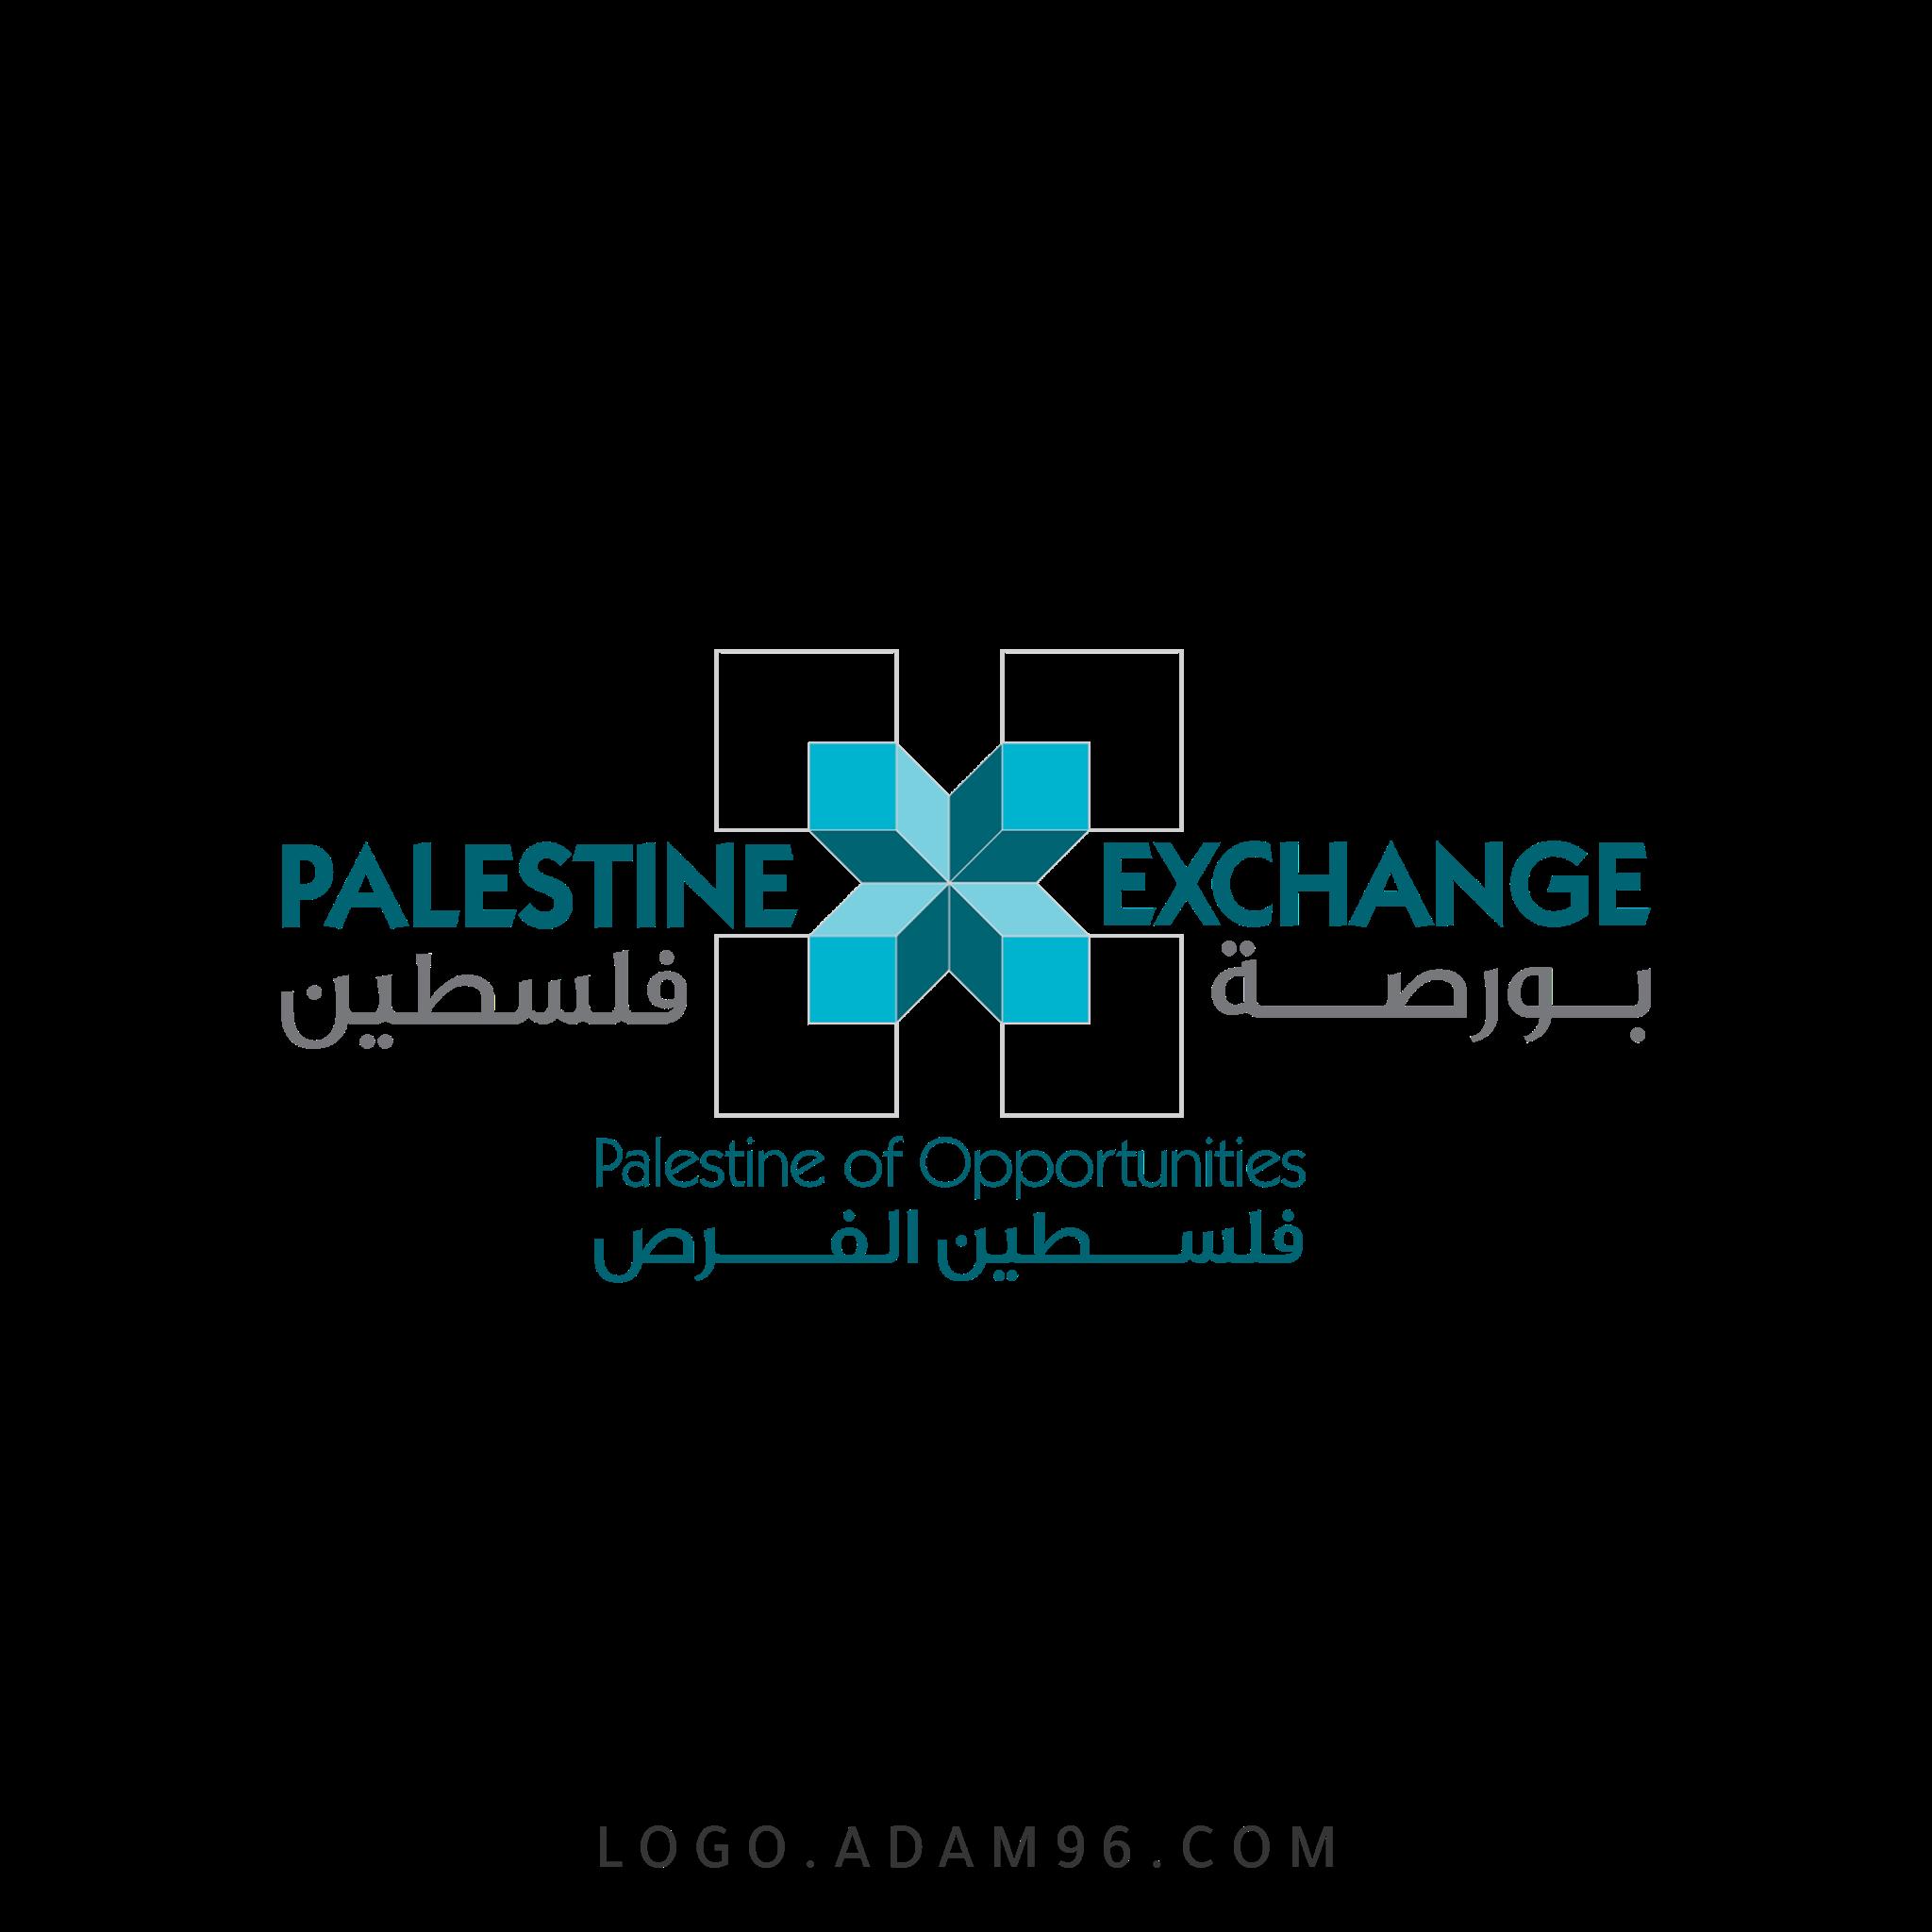 تحميل شعار بورصة فلسطين لوجو رسمي عالي الجودة PNG